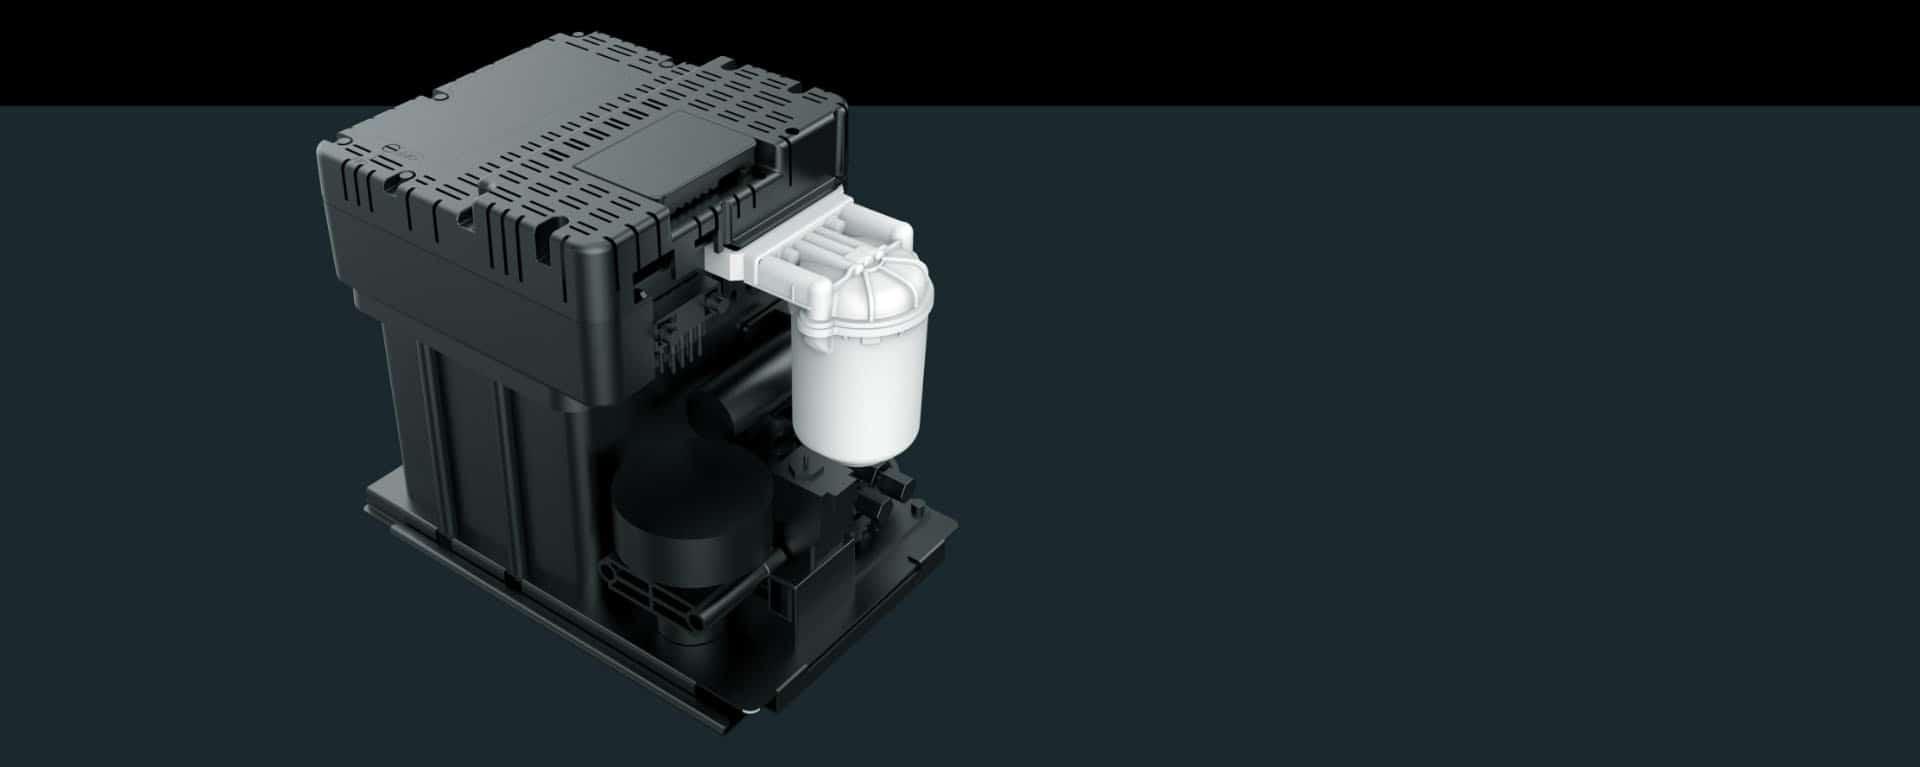 Краплеструменевий маркувальник Fastjet F550 Plus Fastjet F530 Plus гідравлична система